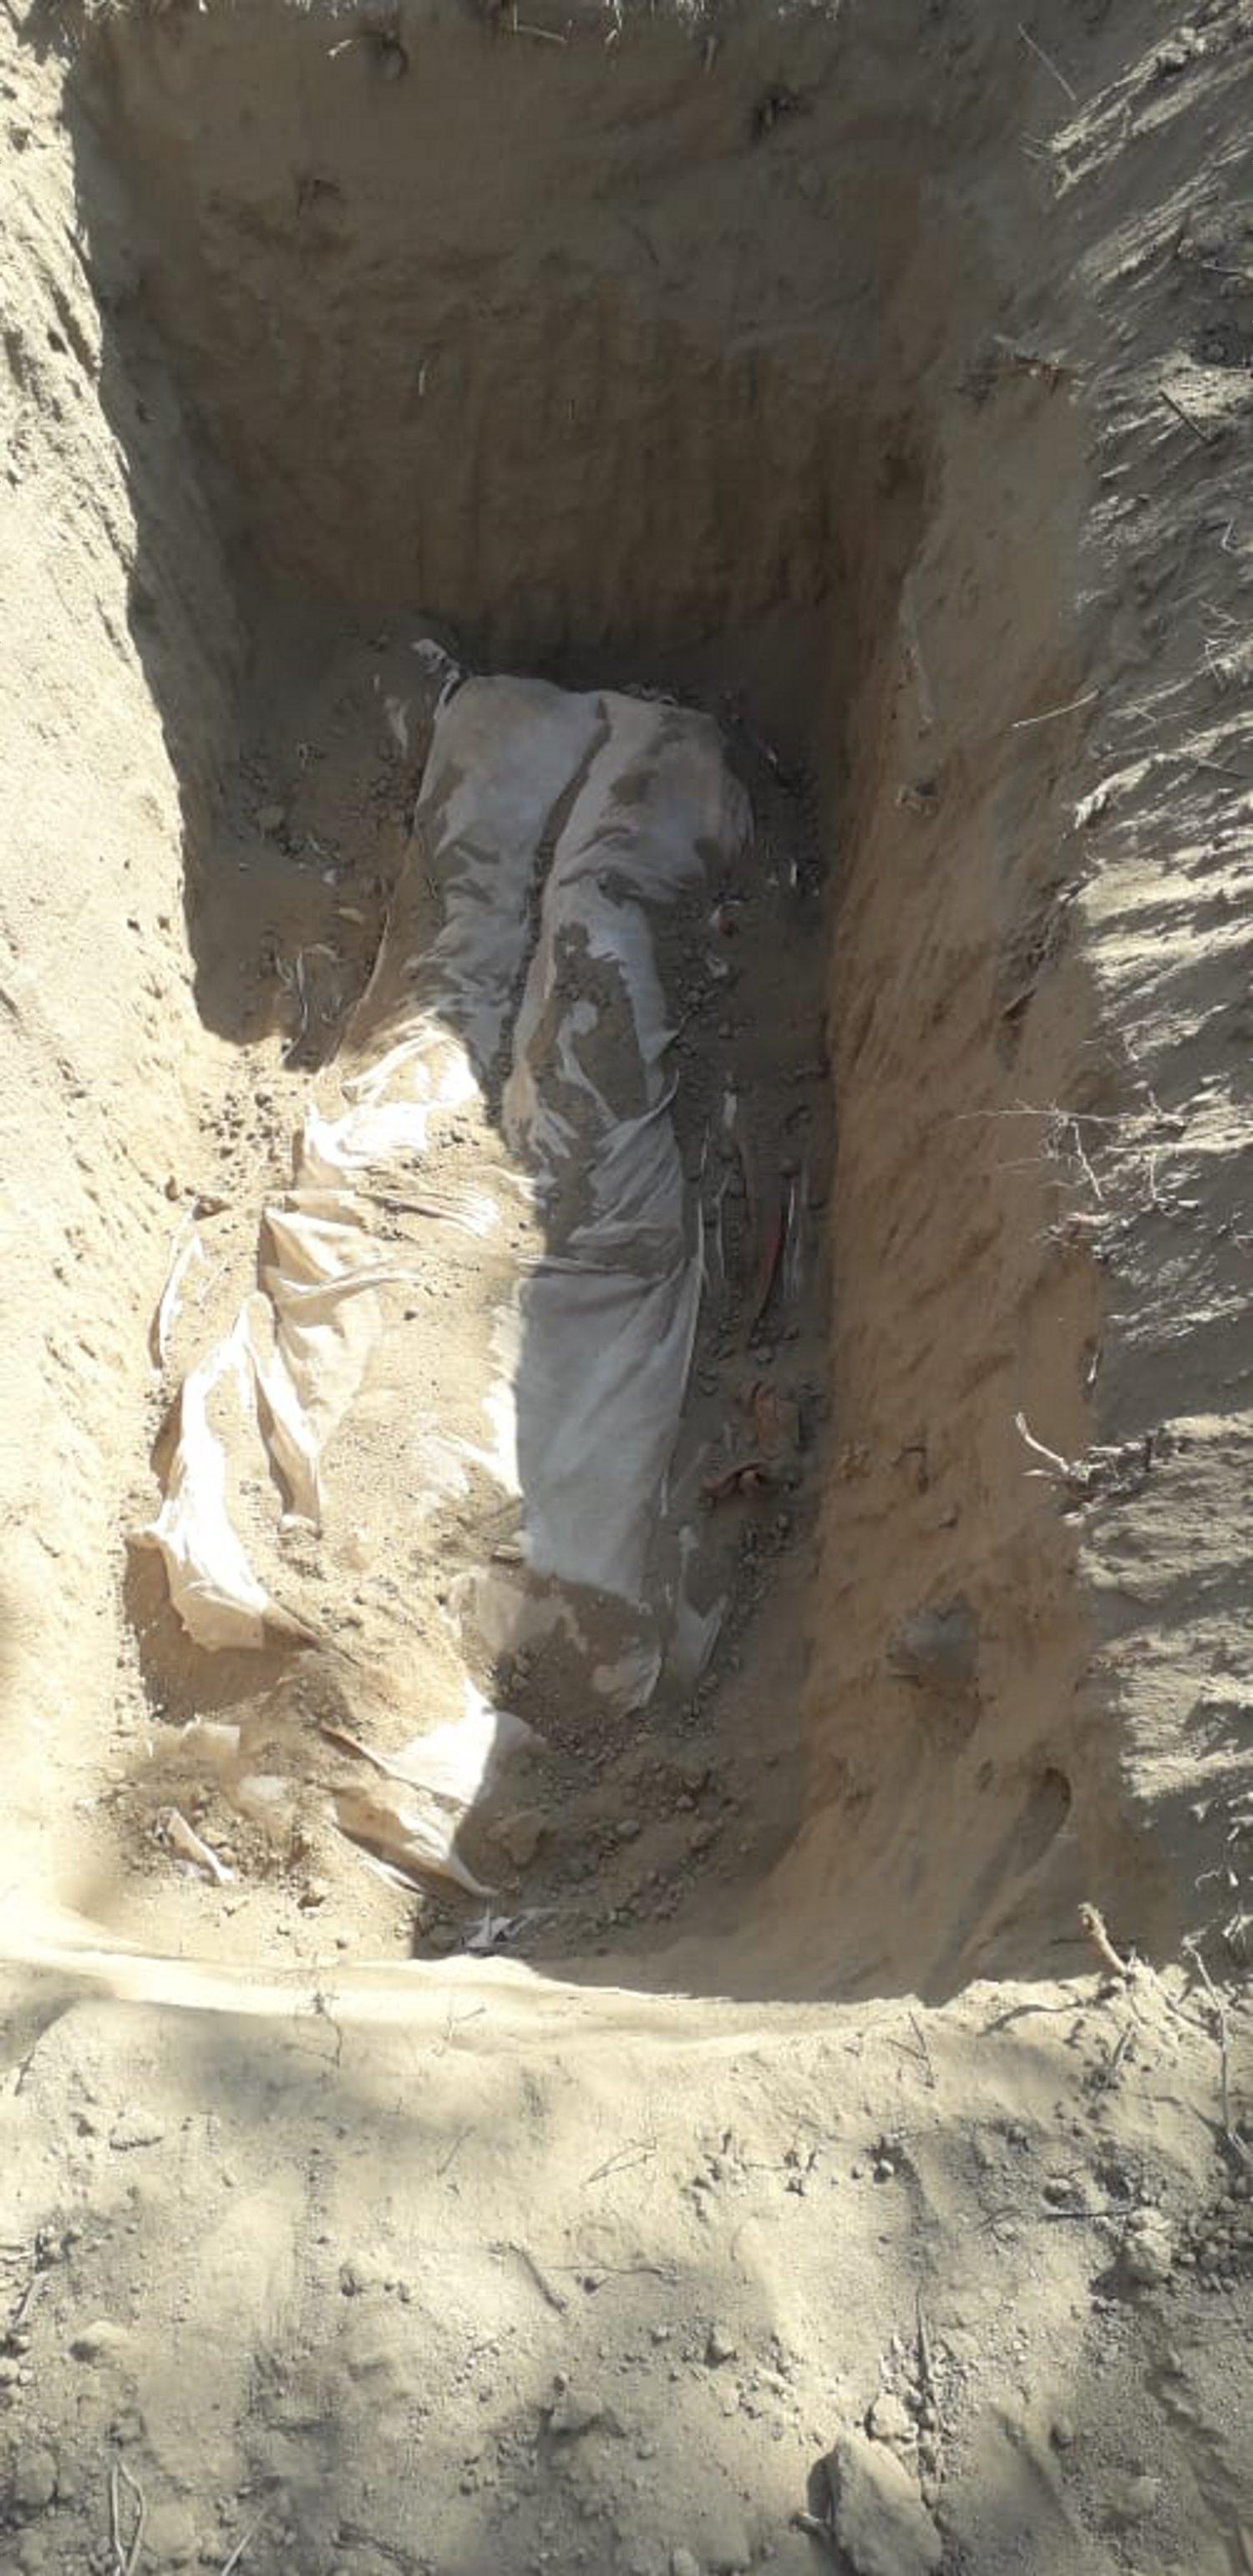 पत्थर निकालने के दौरान शरीर पर गिरा भारी चट्टान, मौत के बाद परिजनों ने बिना पुलिस सूचना कर दिया दफन